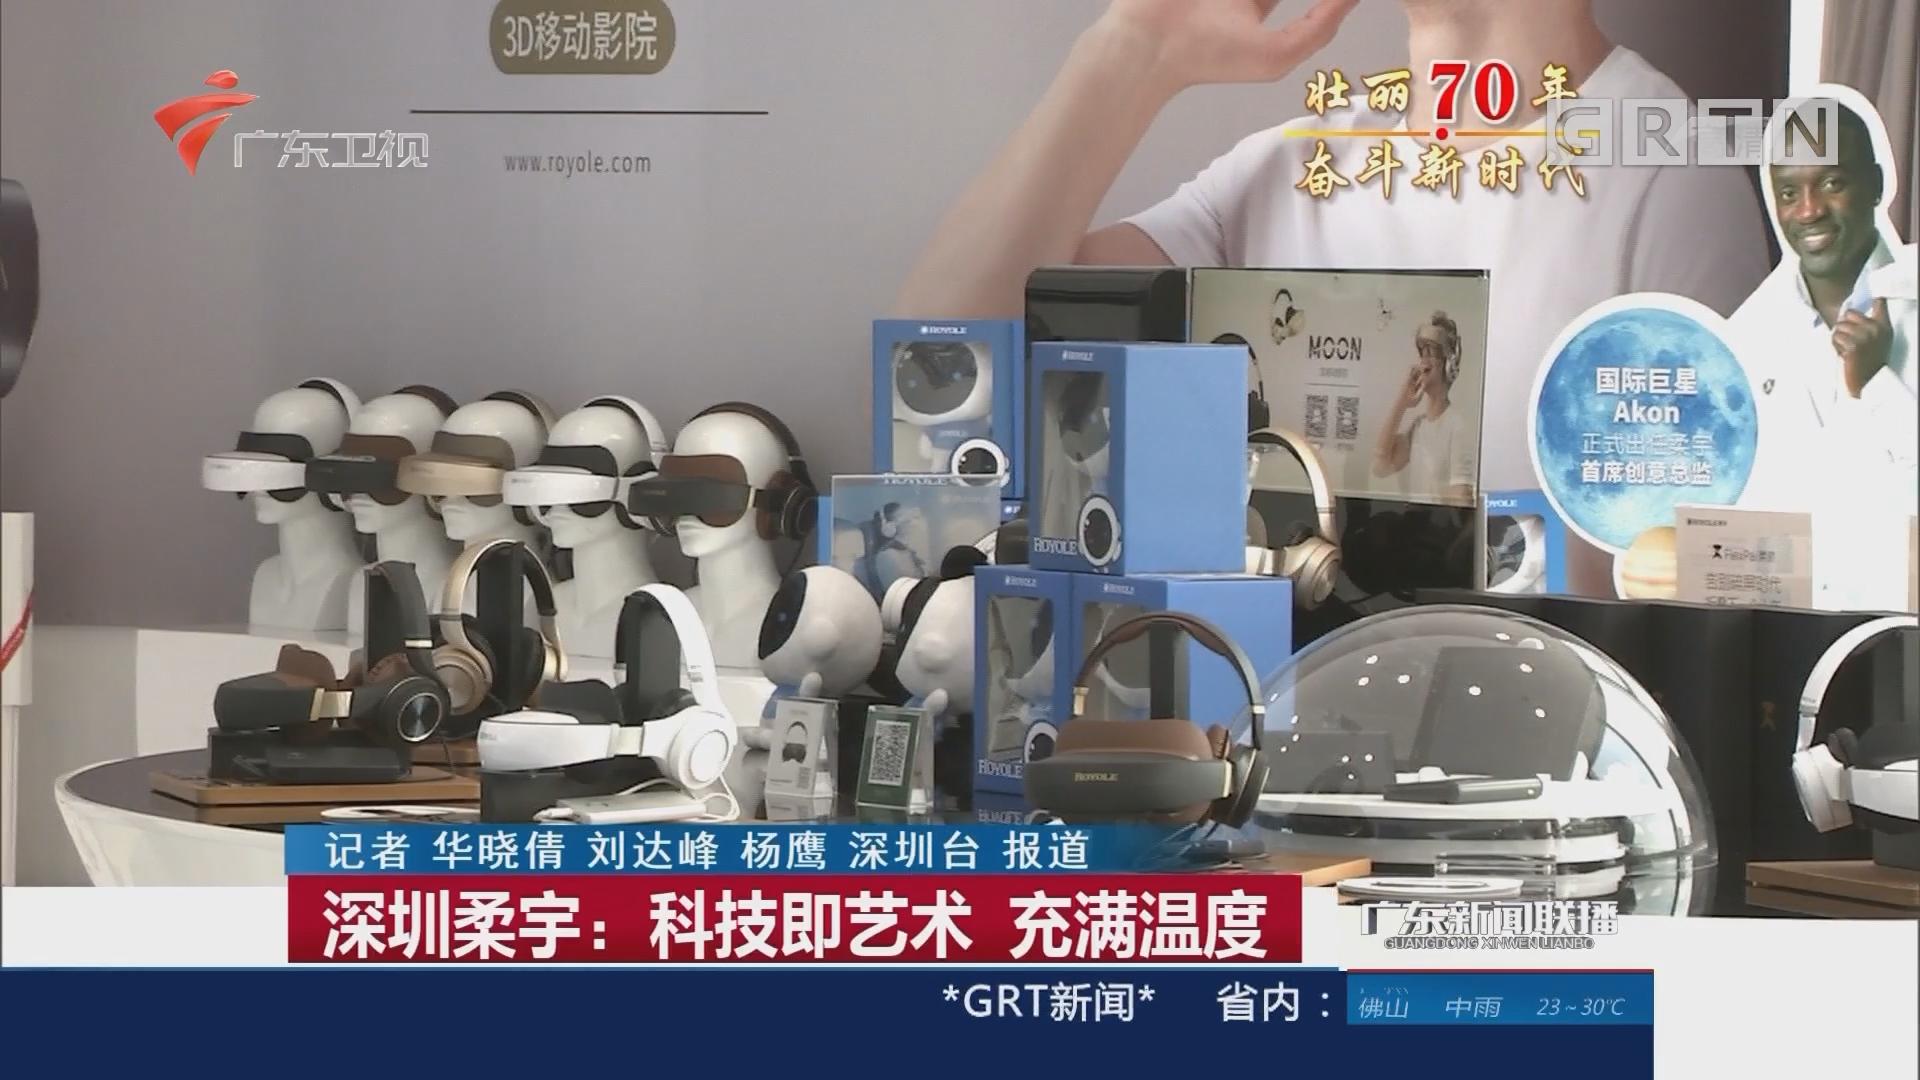 深圳柔宇:科技即艺术 充满温度